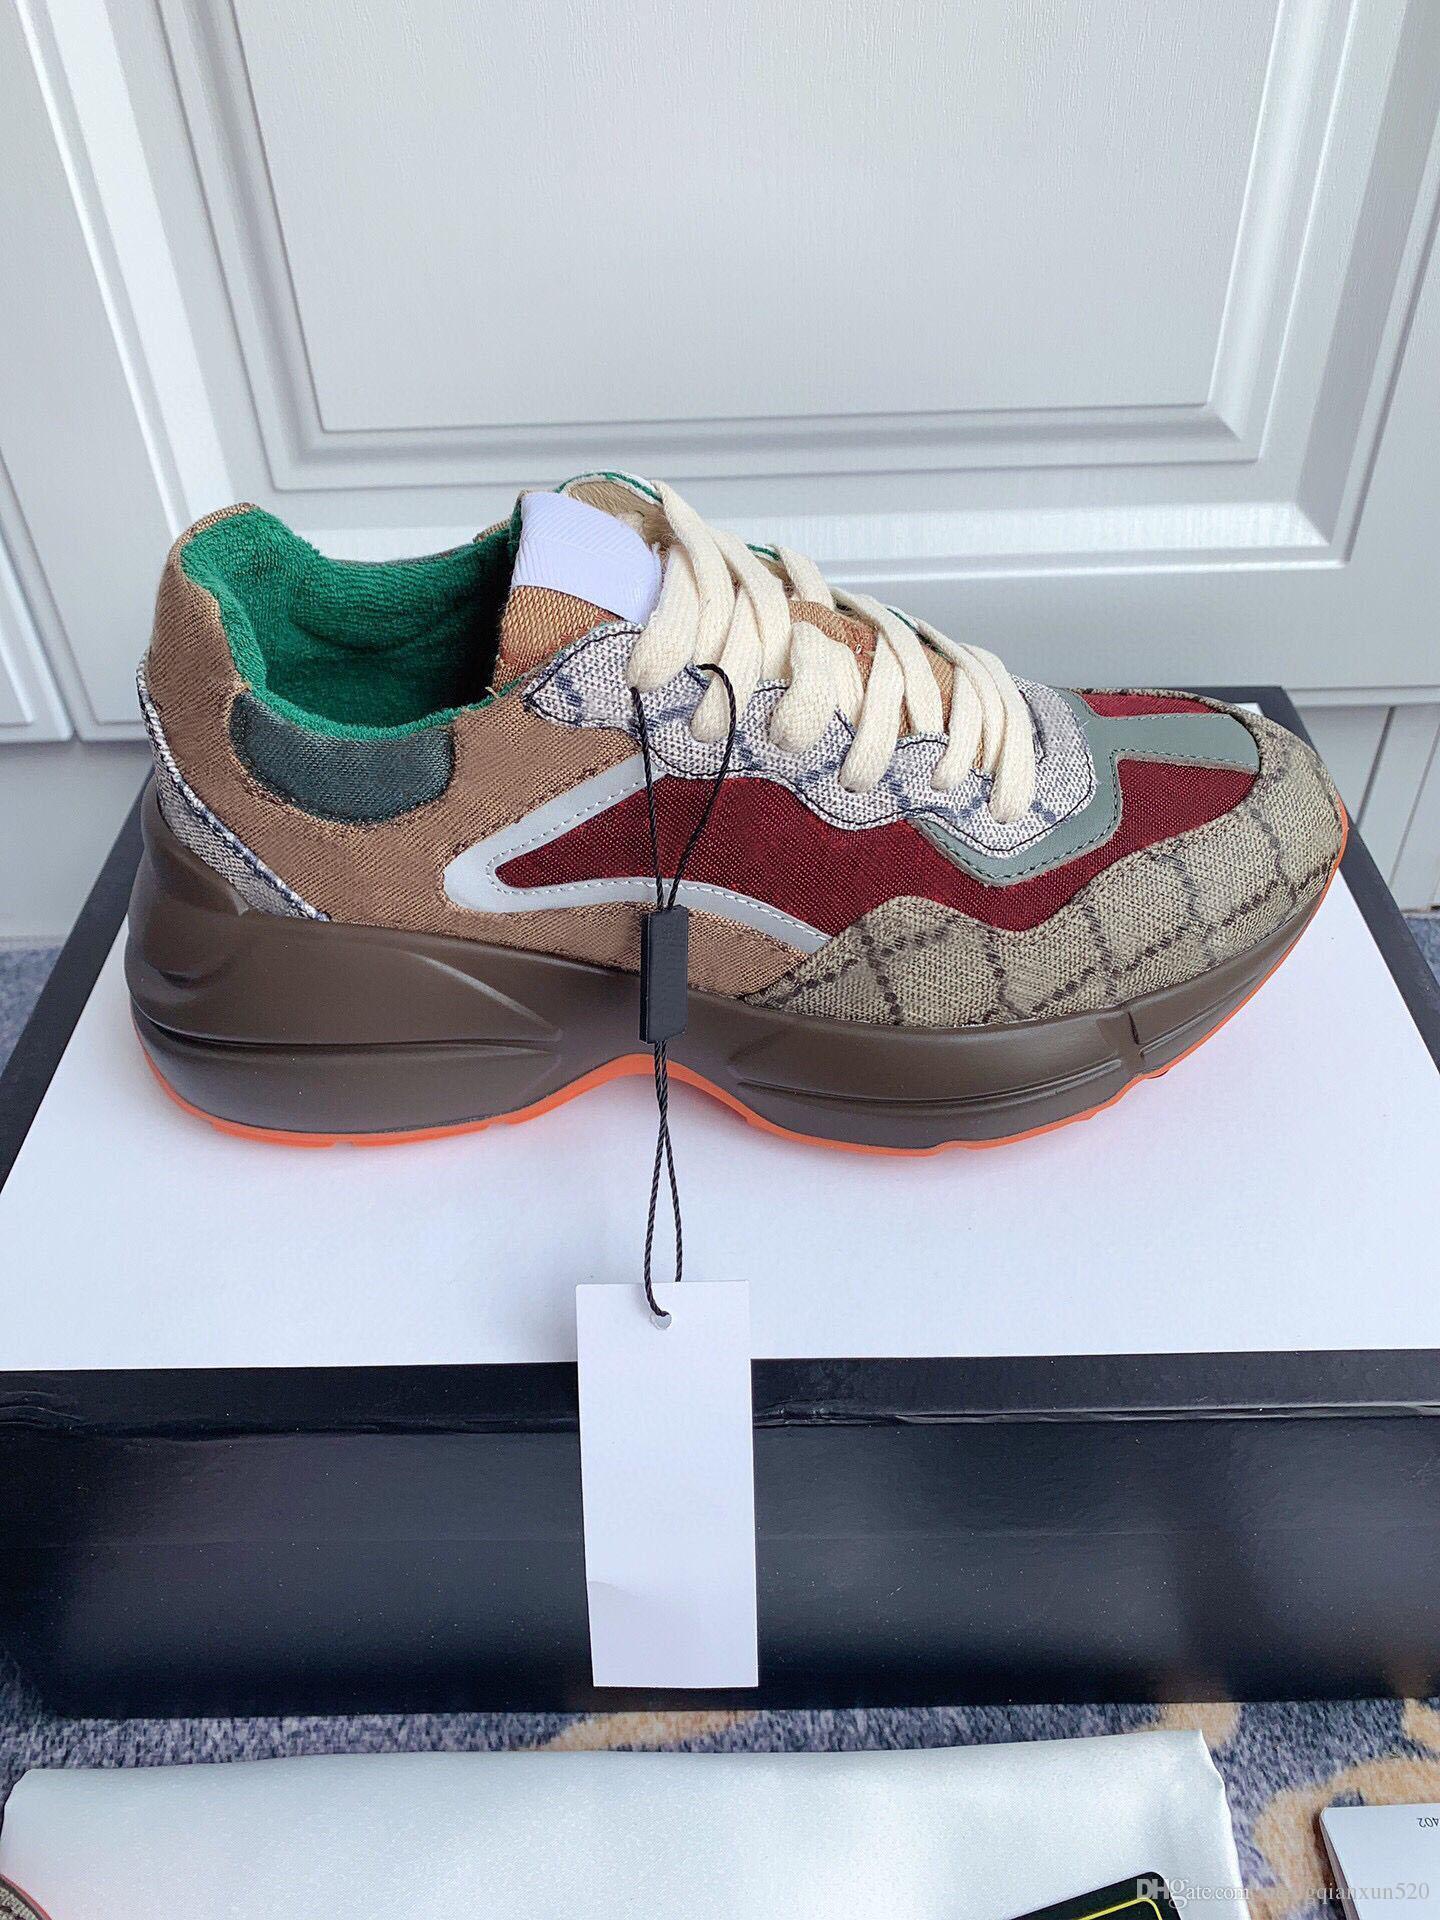 Lady Casual Zapatillas 100% Impreso Cuero Plano Plata Sneaker Letters Lace-Up Zapatos Plataforma de Moda Nuevos Hombres Zapatos de ocio Tamaño grande 35-42-45